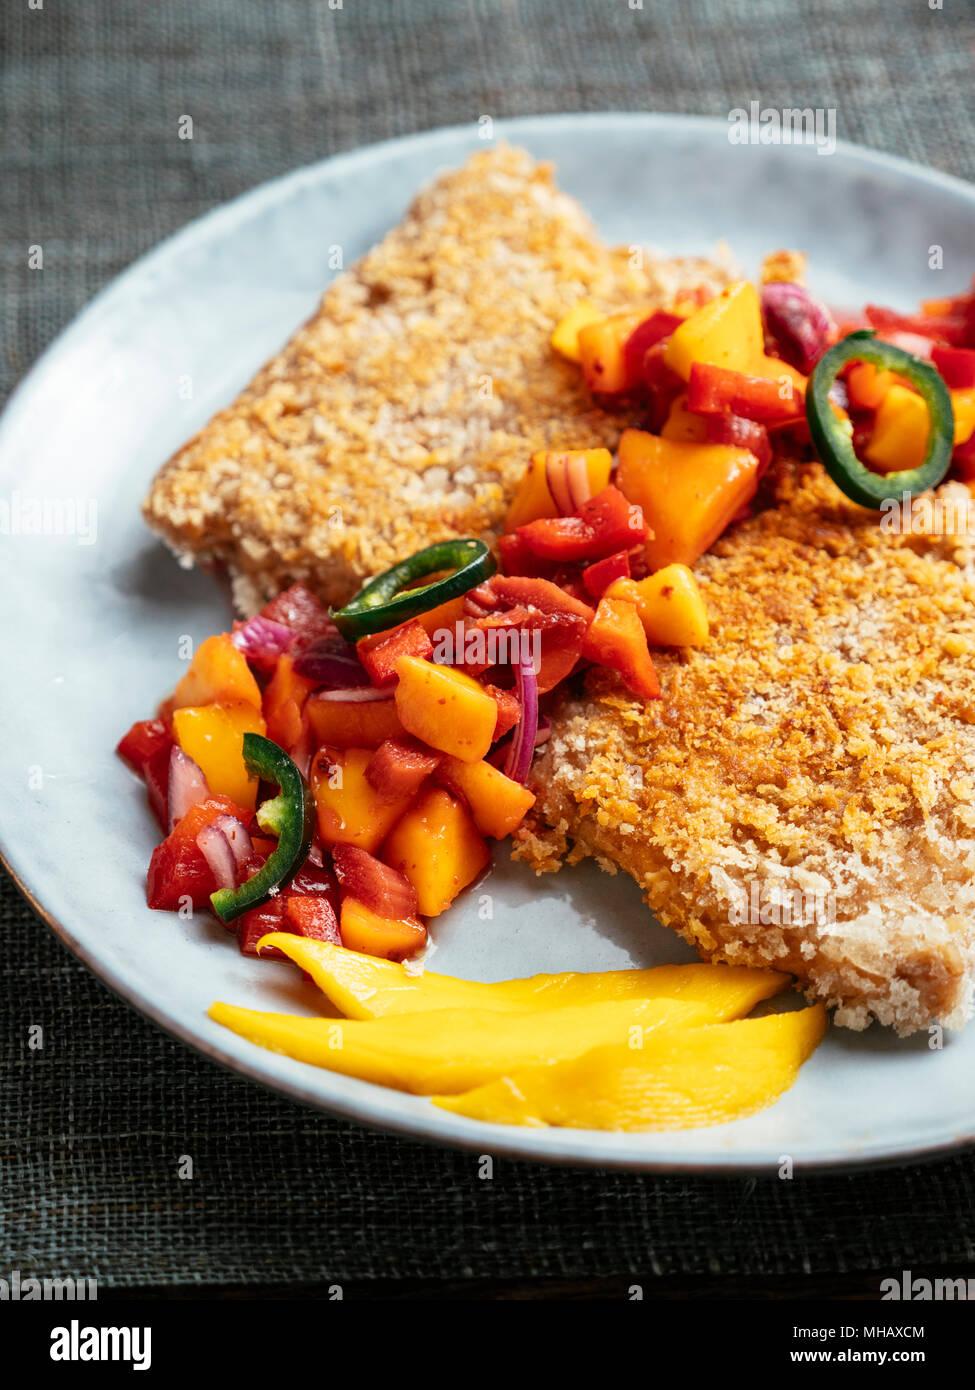 TVP Schnitzel mit einer Mango, Rhabarber Salsa Stockbild